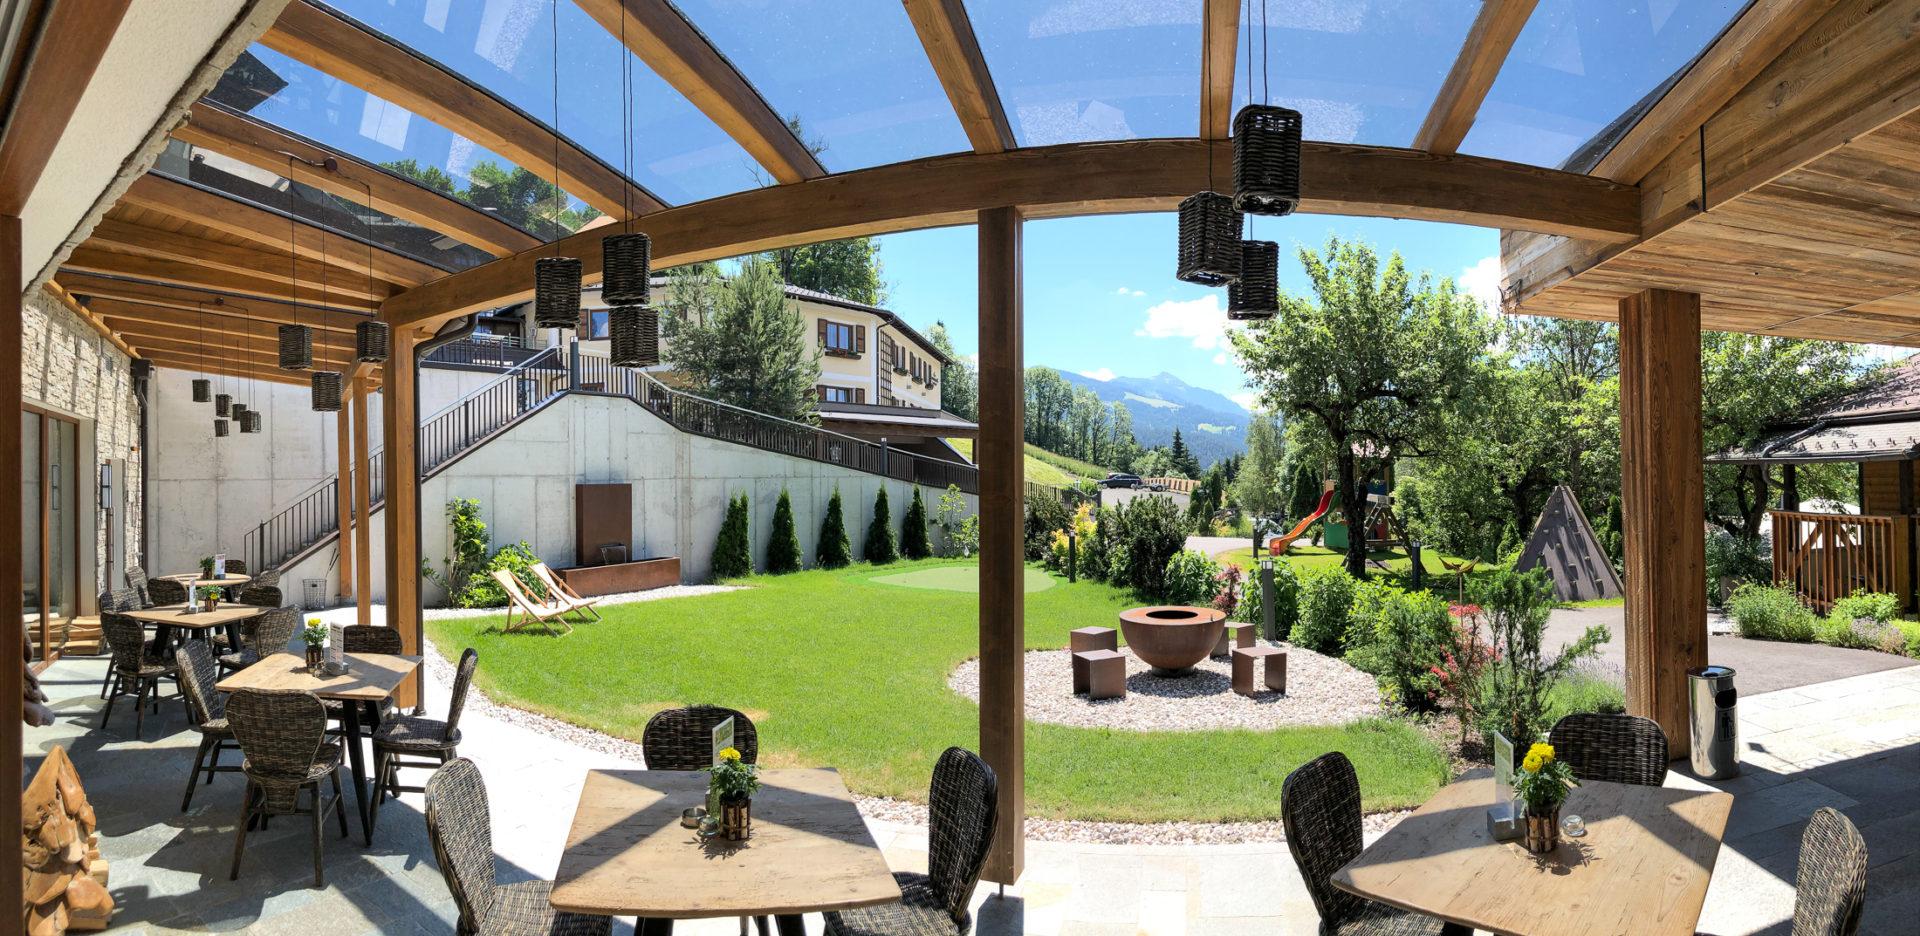 Hotel Altenmarkt - eine Terasse mit Blick in die Berge